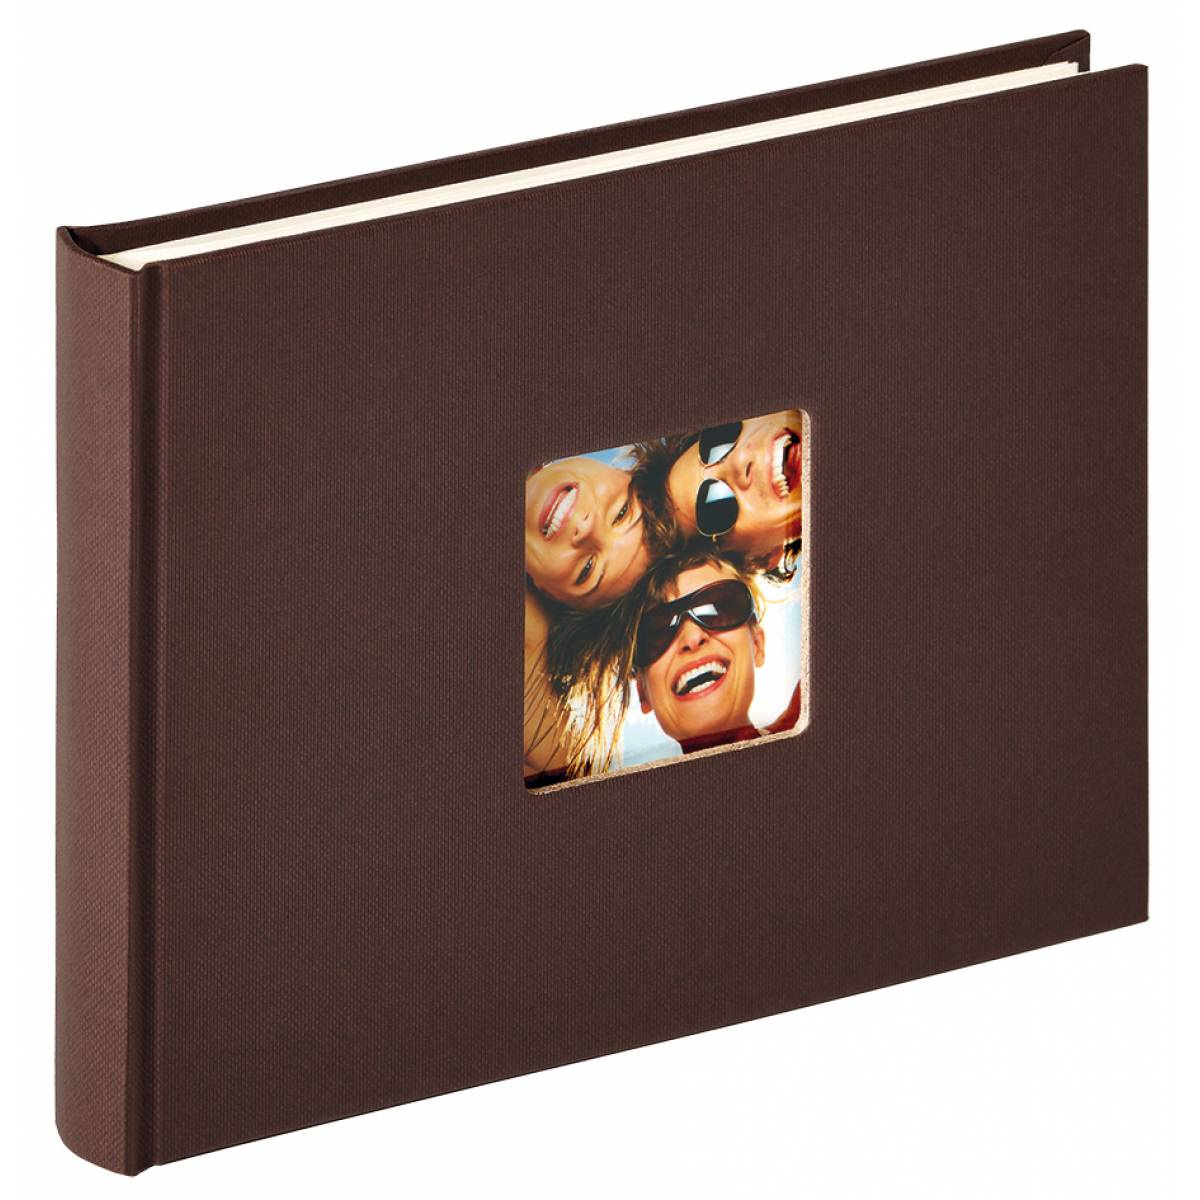 Картинка фотоальбома для фотографий